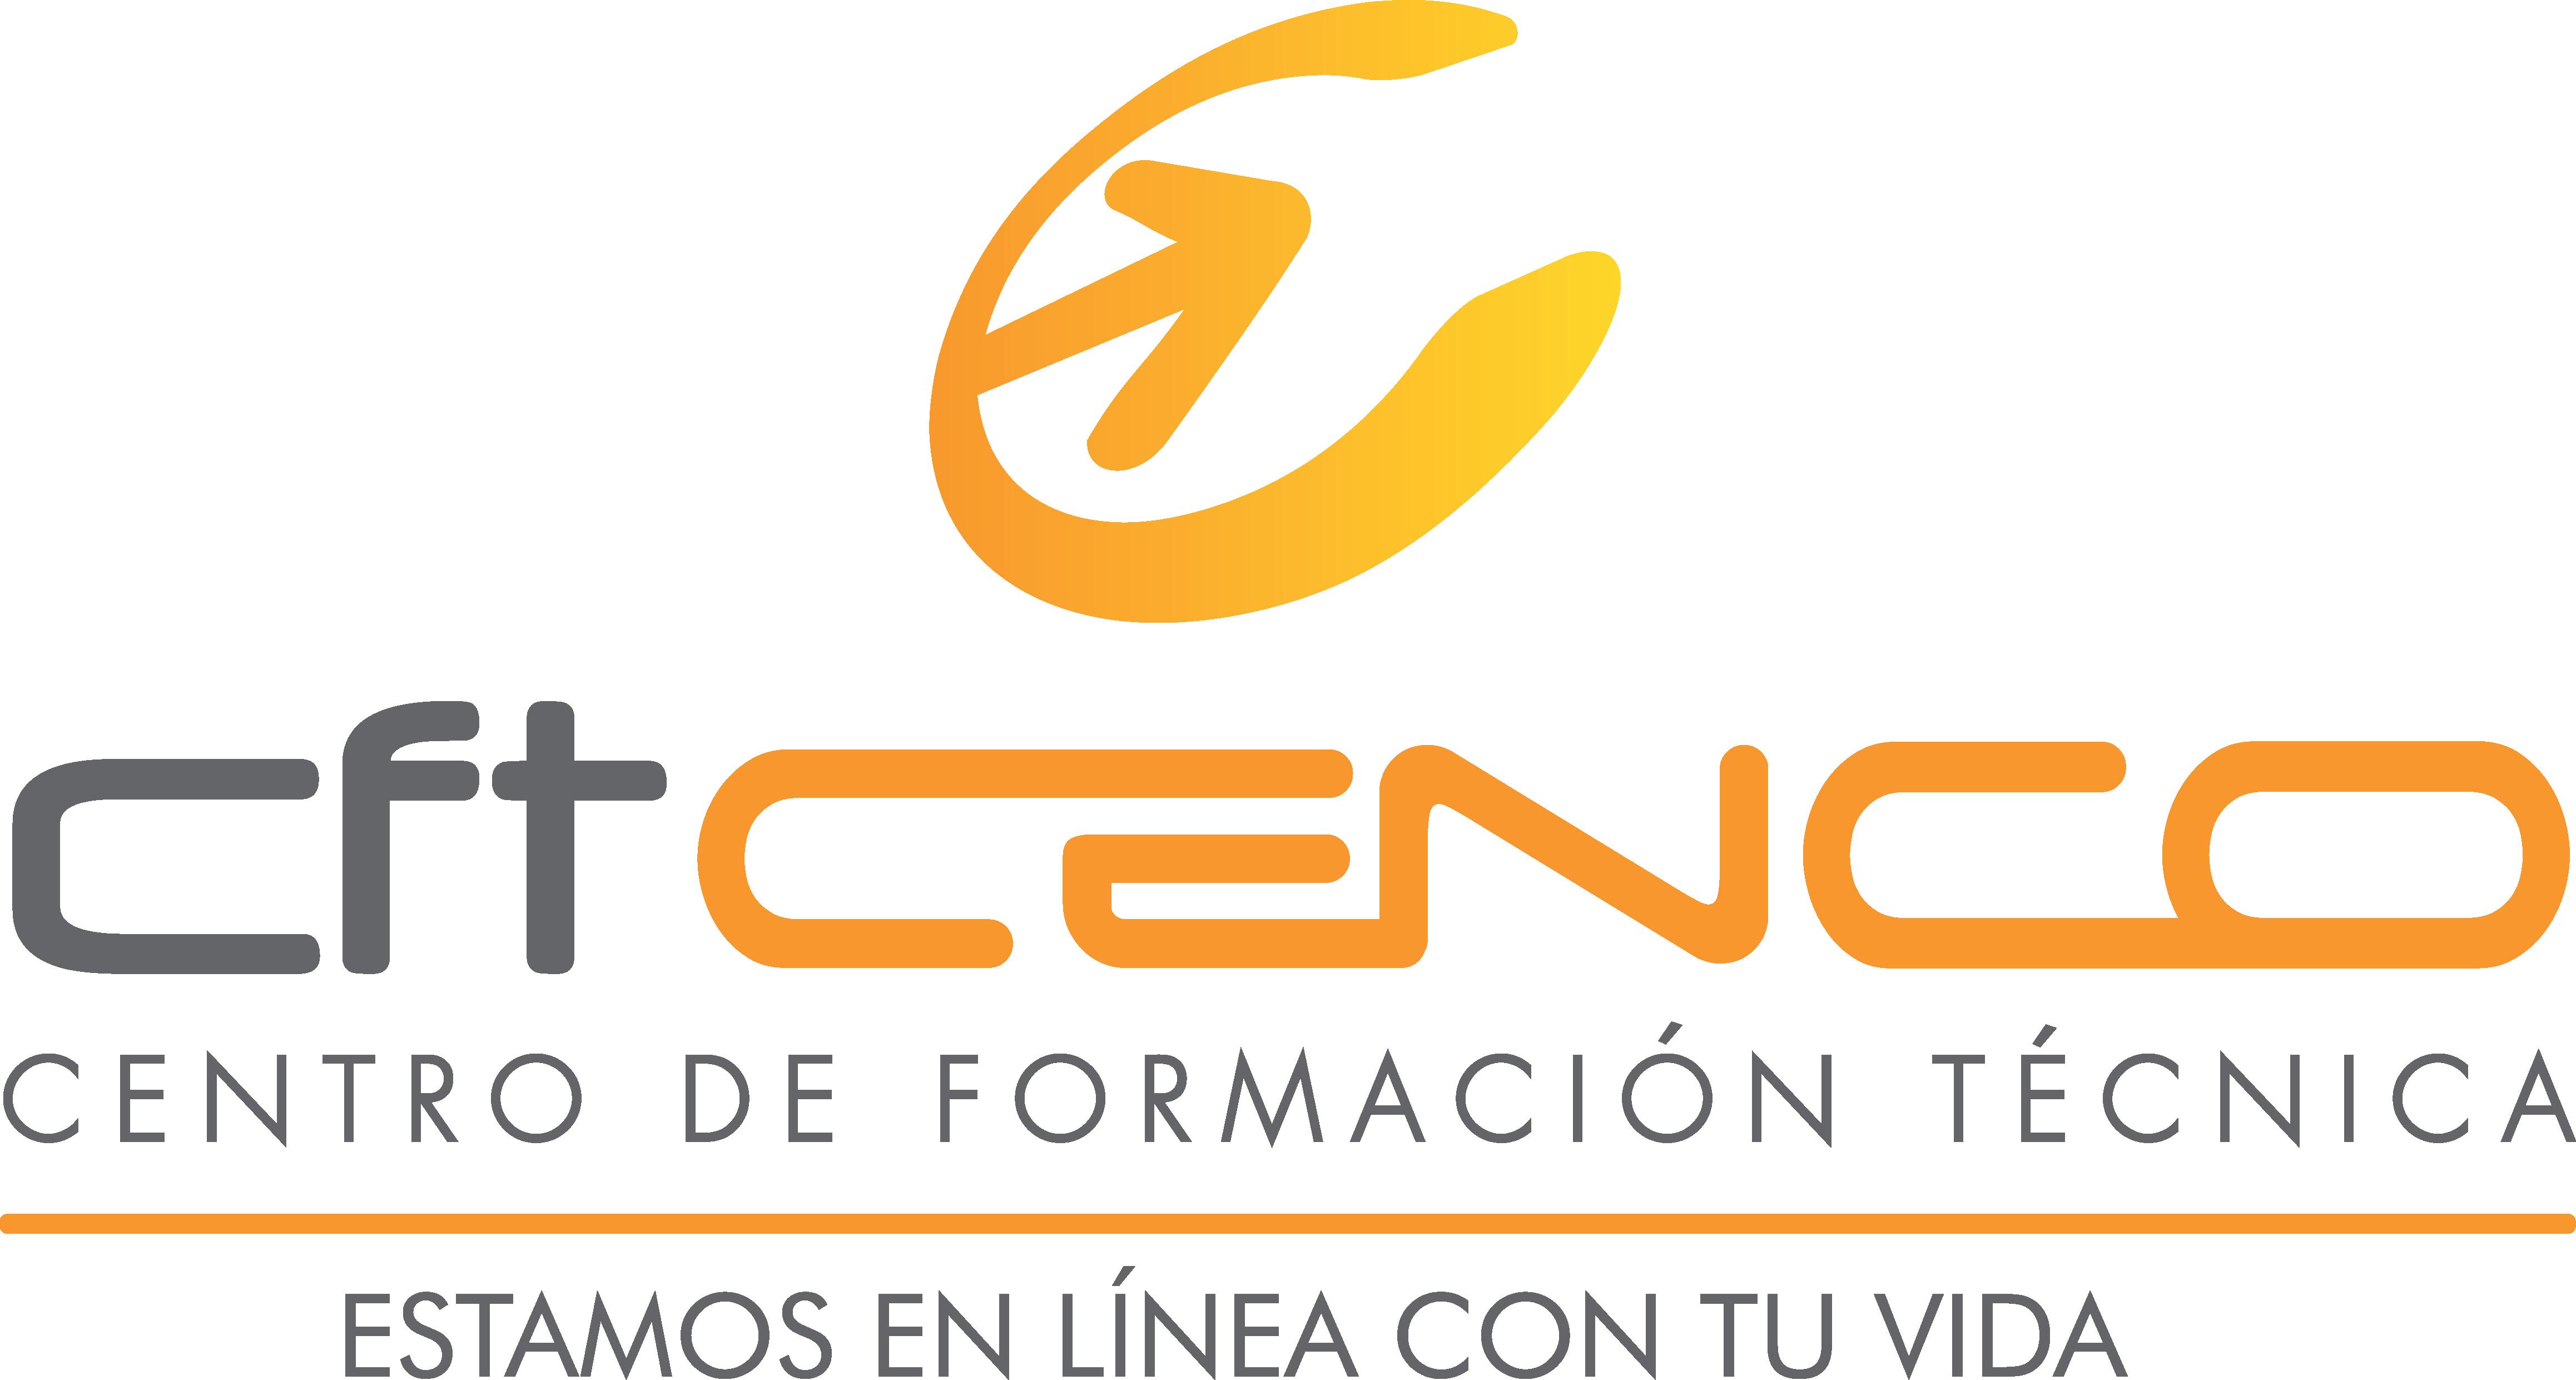 Centro de Formación Técnica Cenco